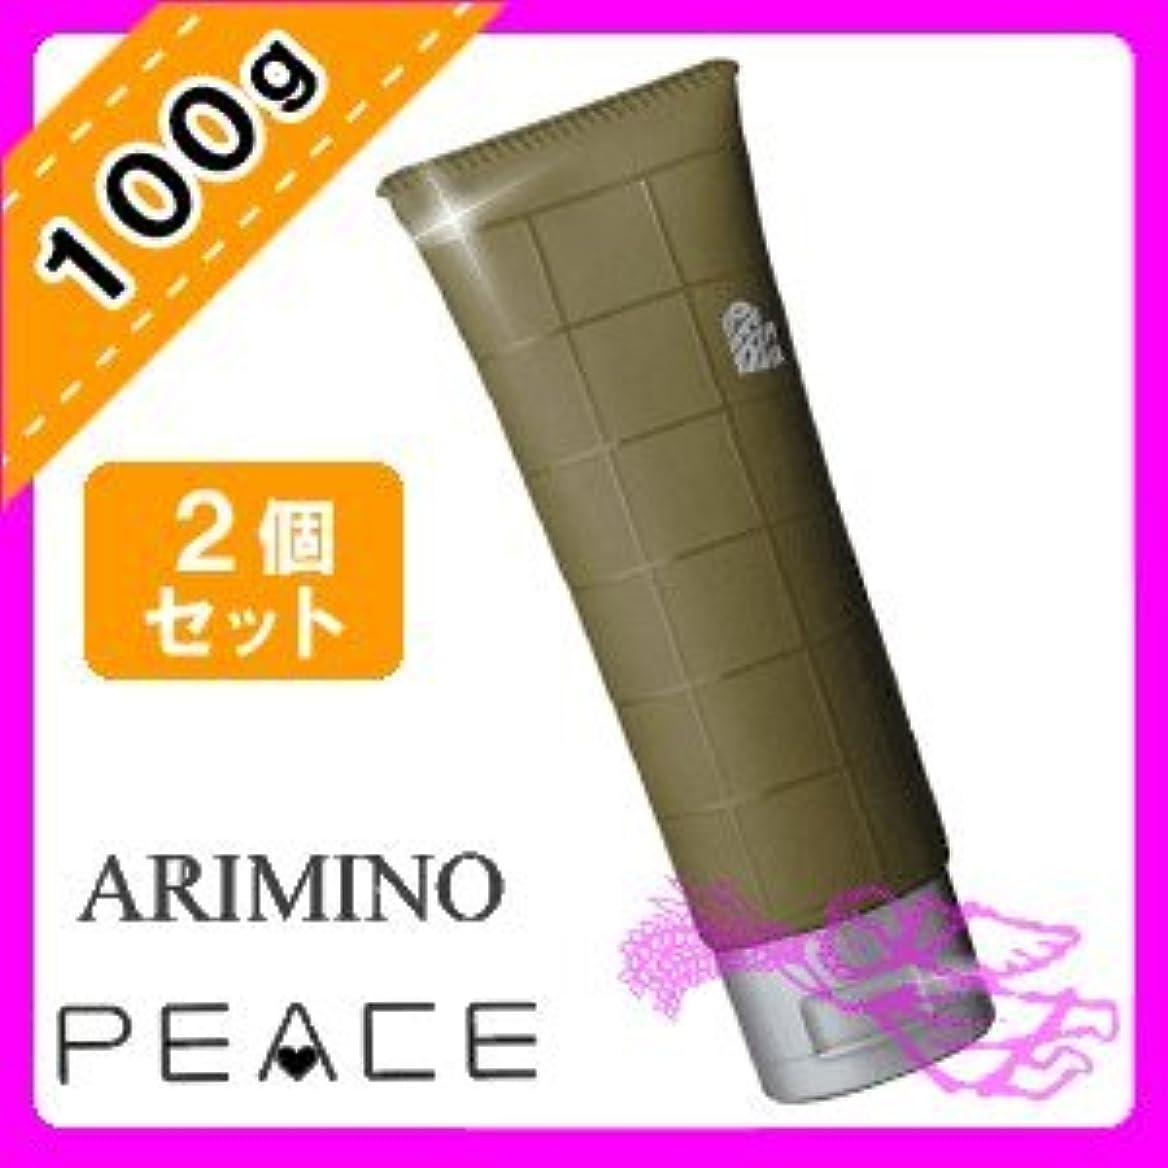 なかなかアストロラーベ仮定、想定。推測アリミノ ピース ウェットオイル ワックス 100g ×2個セット arimino PEACE